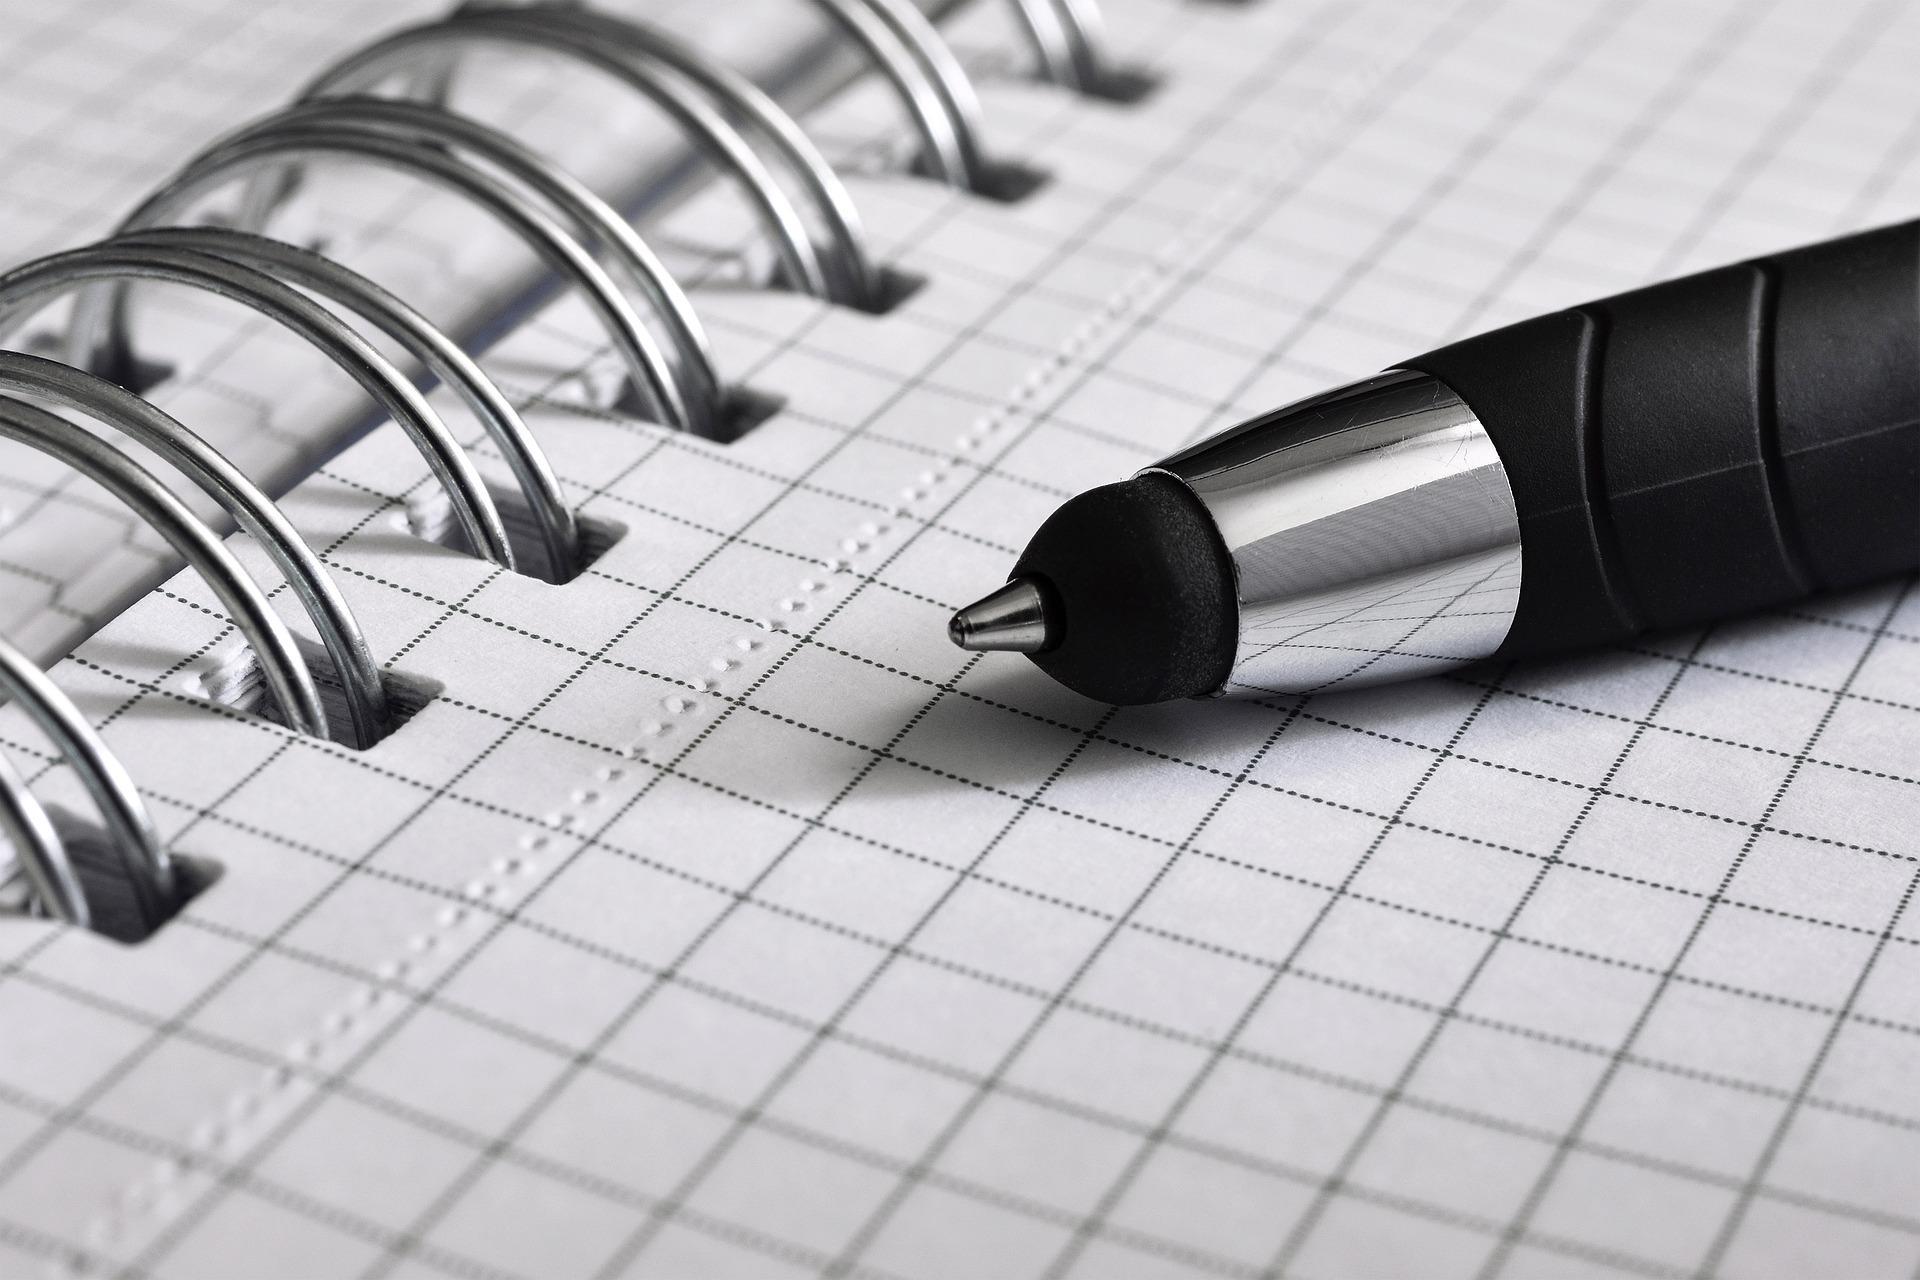 Anrechnung ausländischer Körperschaftsteuer bei Steuerfreistellung aufgrund DBA